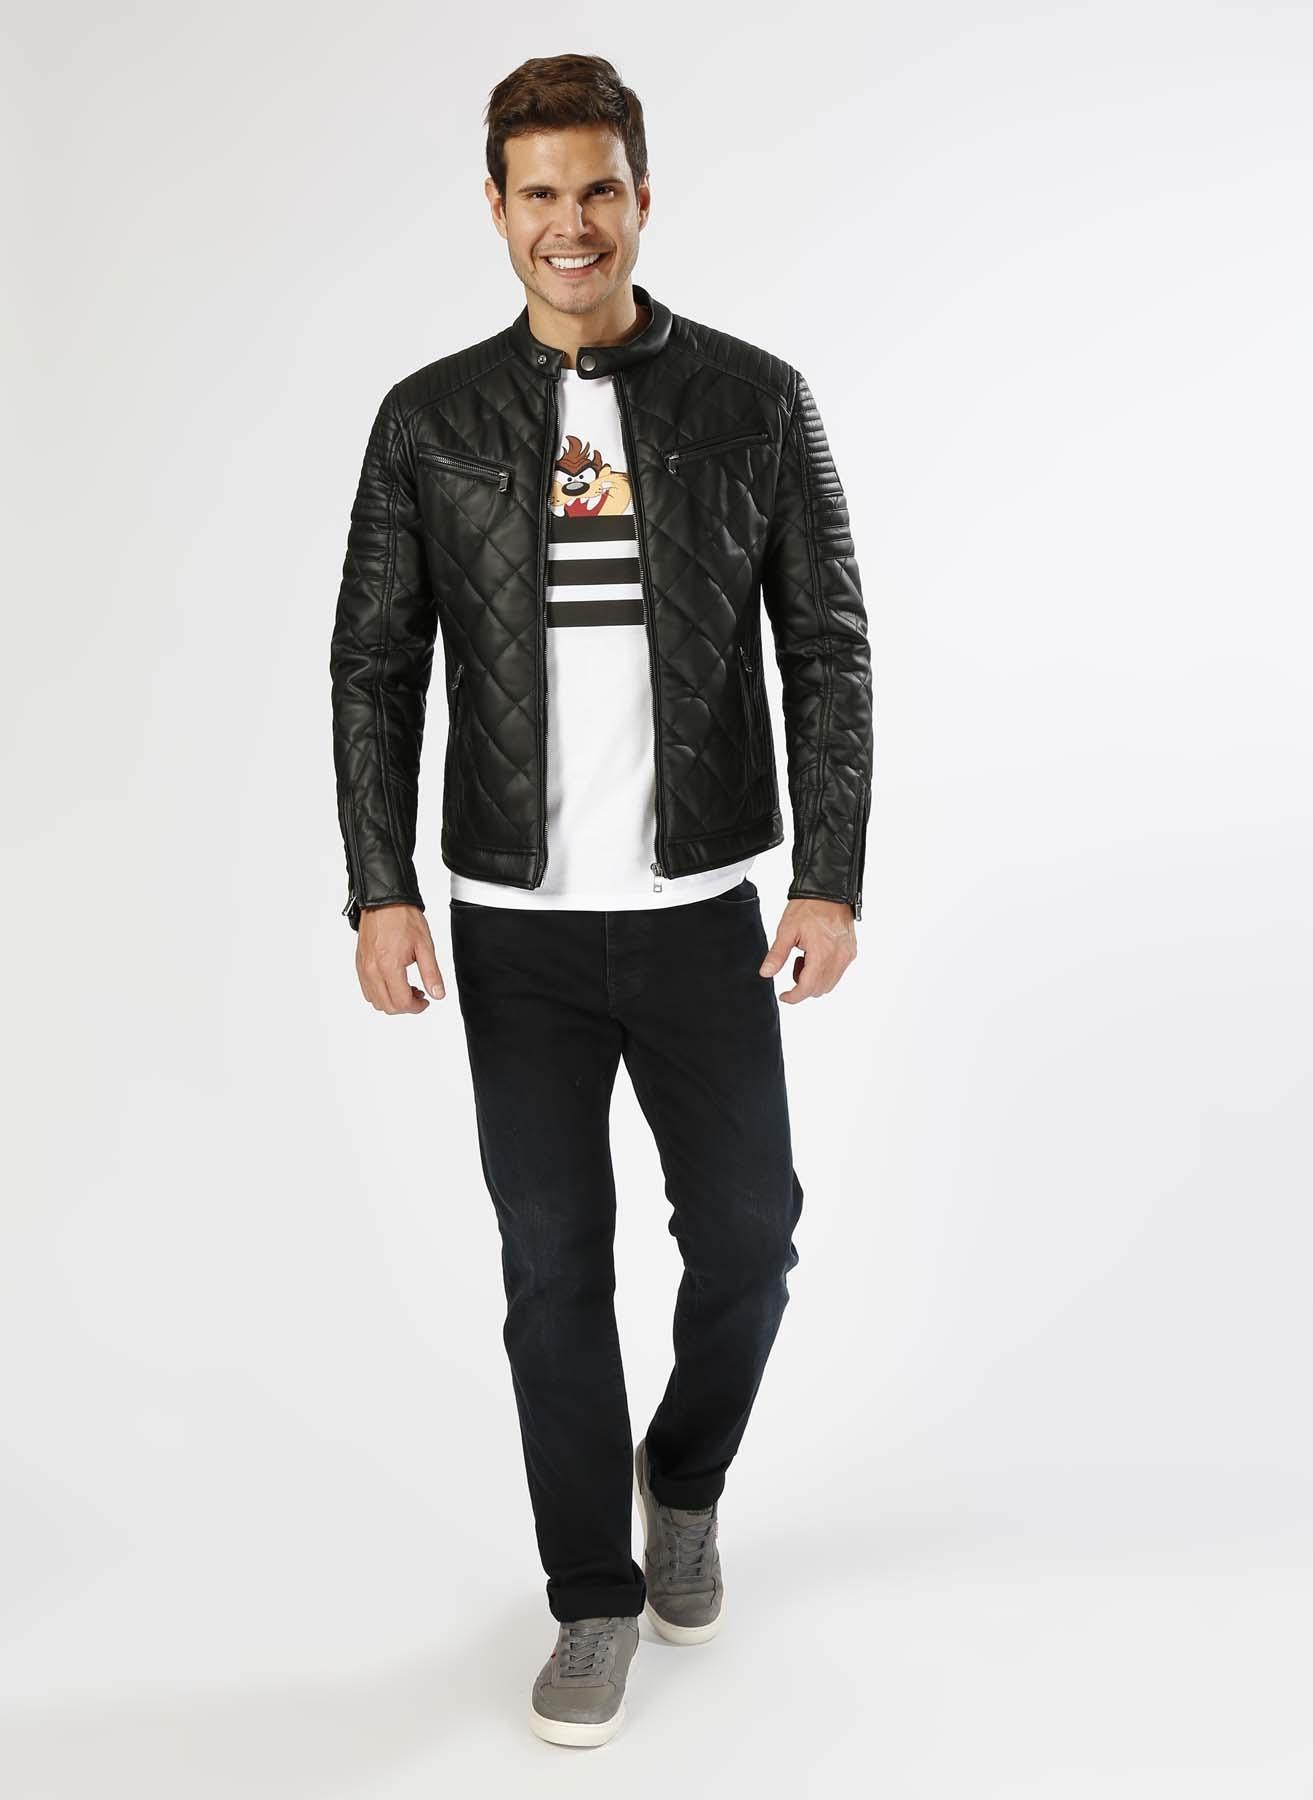 Loft Lacivert Klasik Pantolon 32-30 5000197776007 Ürün Resmi